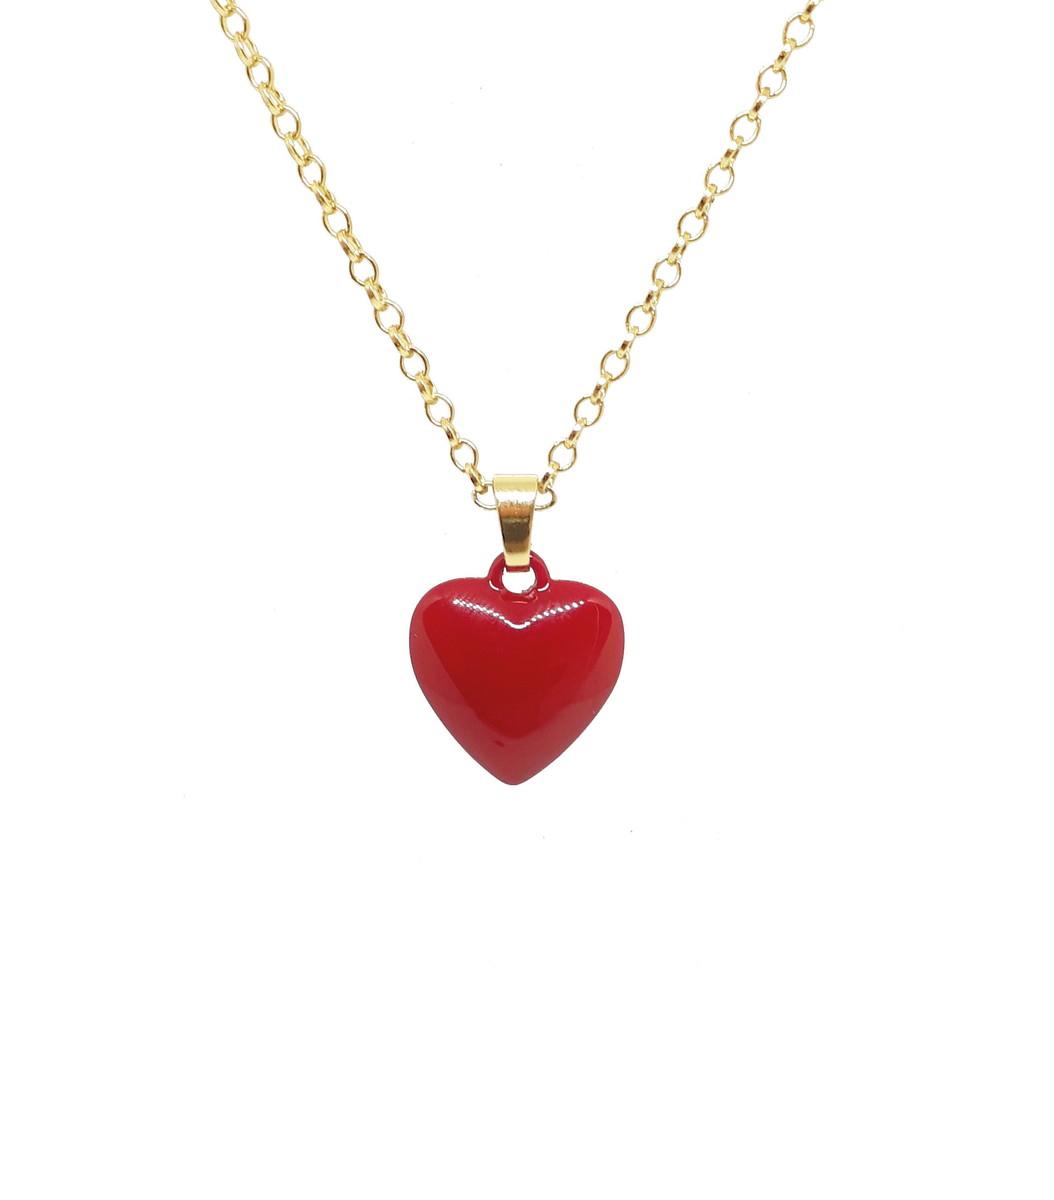 Colar de Coração Feminino Pingente de Coração no Elo7   Reluz - Semi ... d2e6141c83